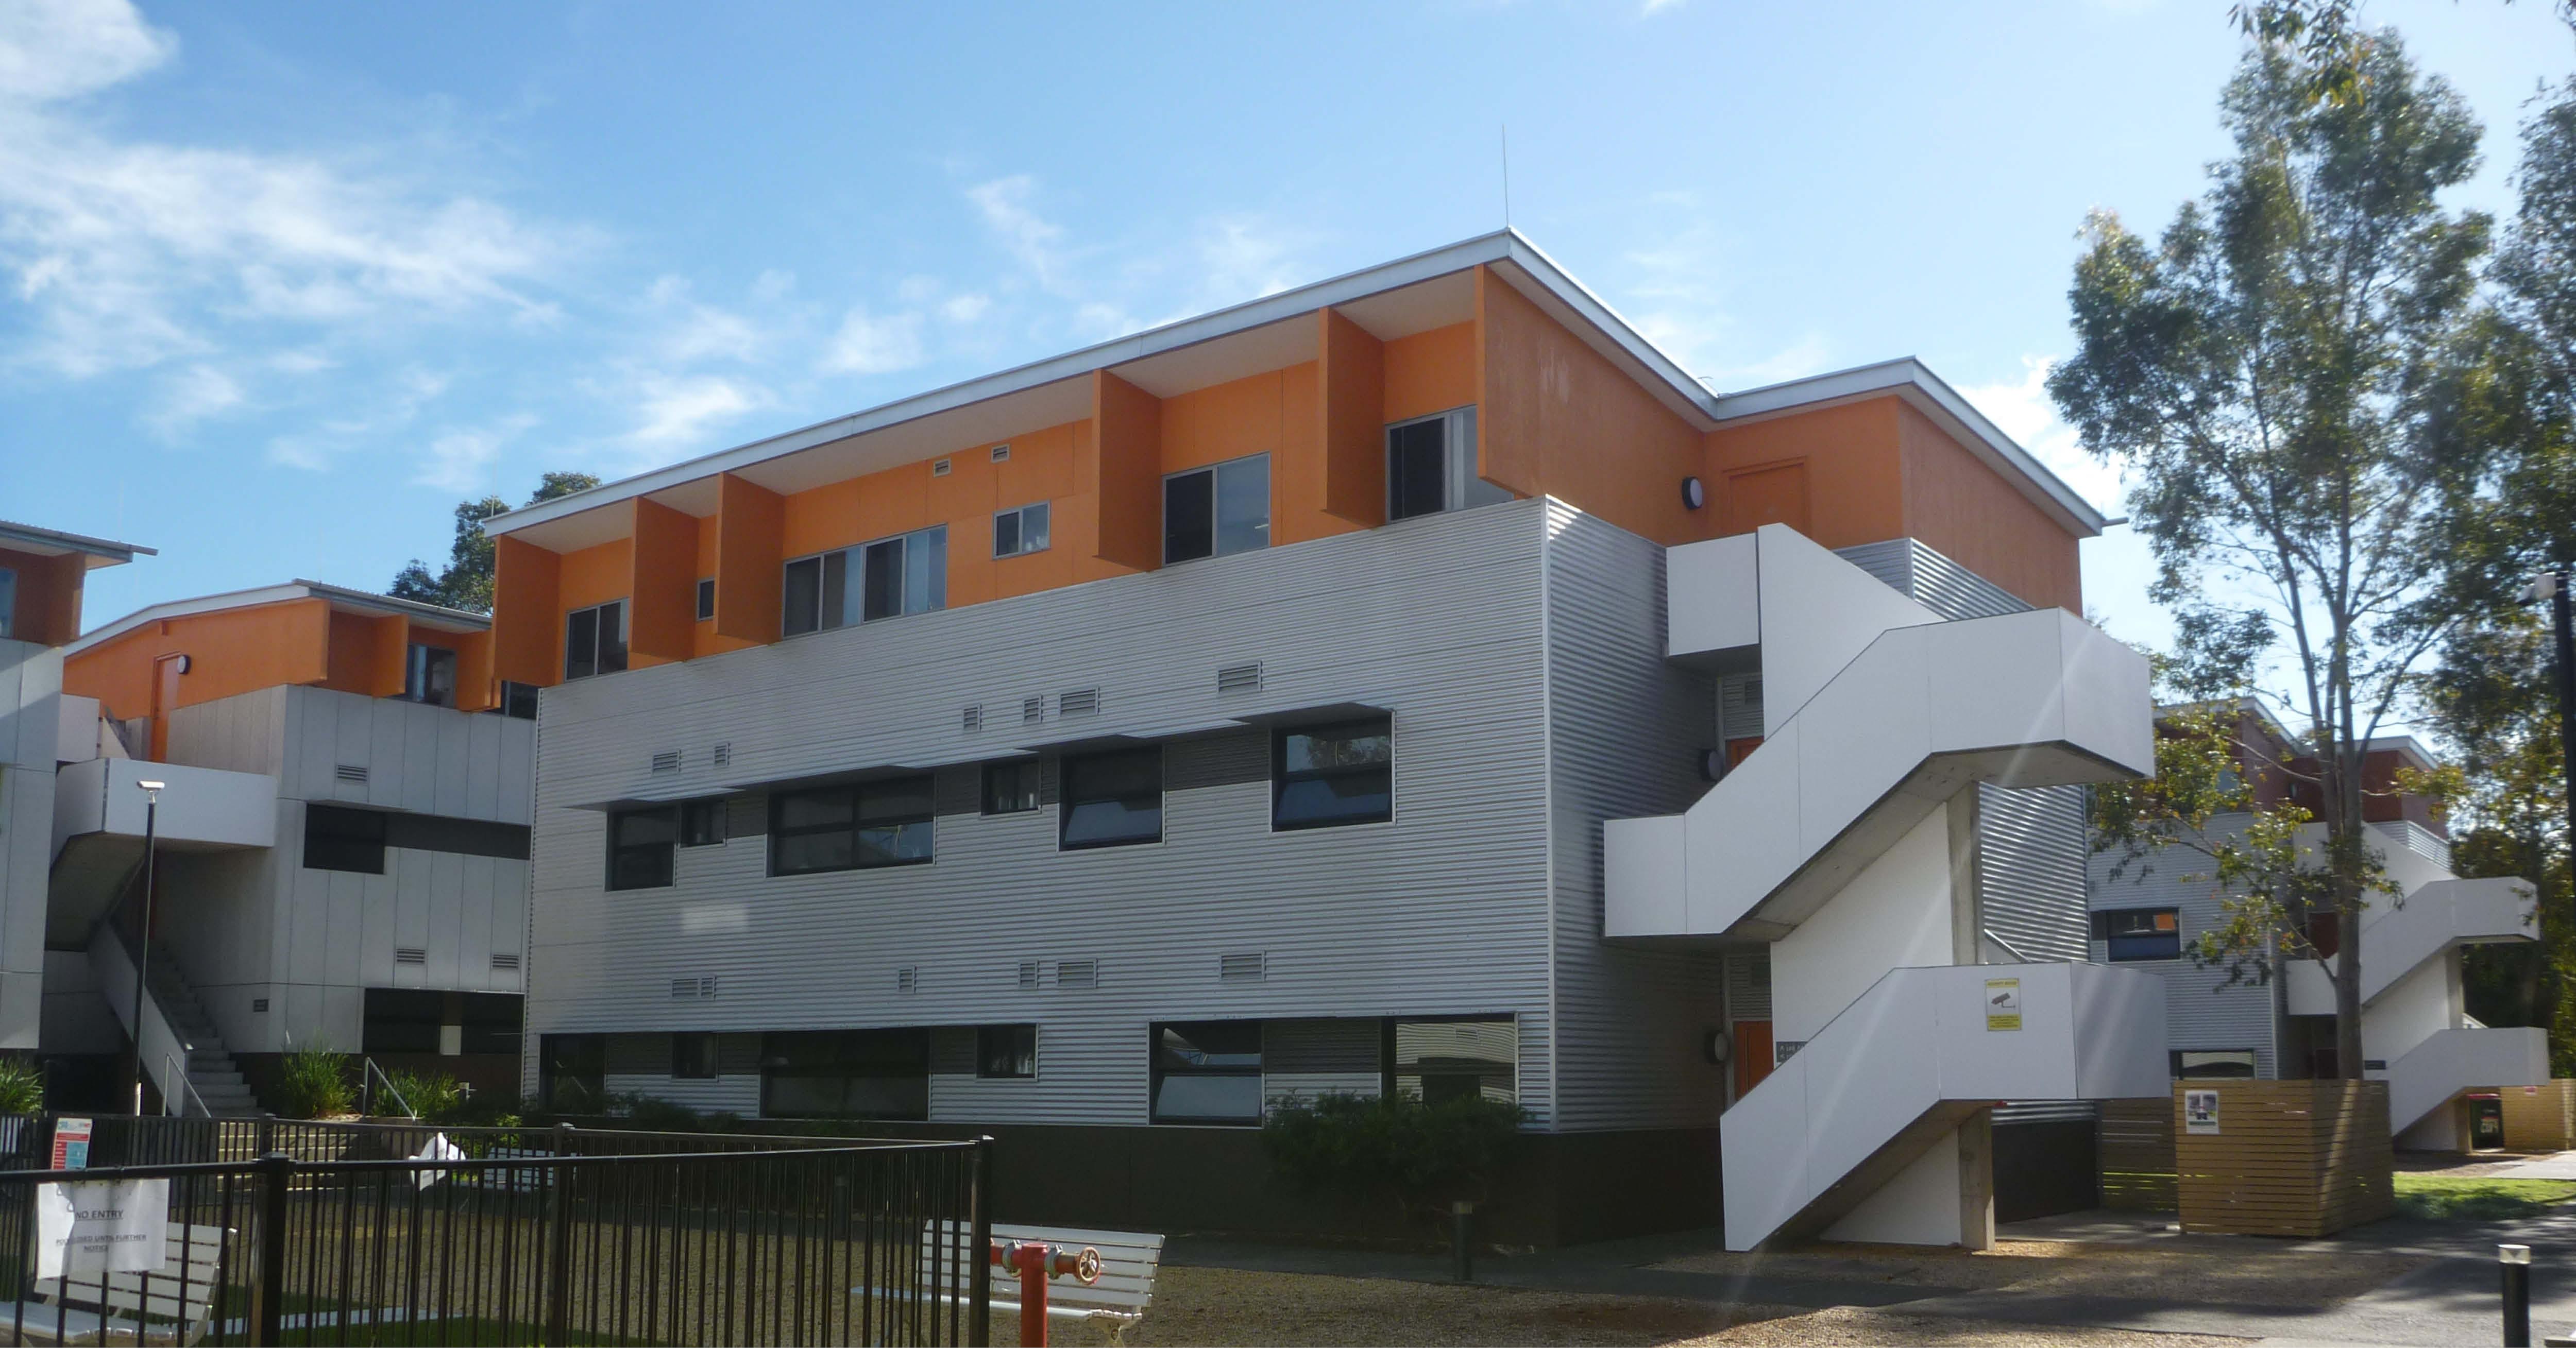 Campus Living Villages - Parramatta University